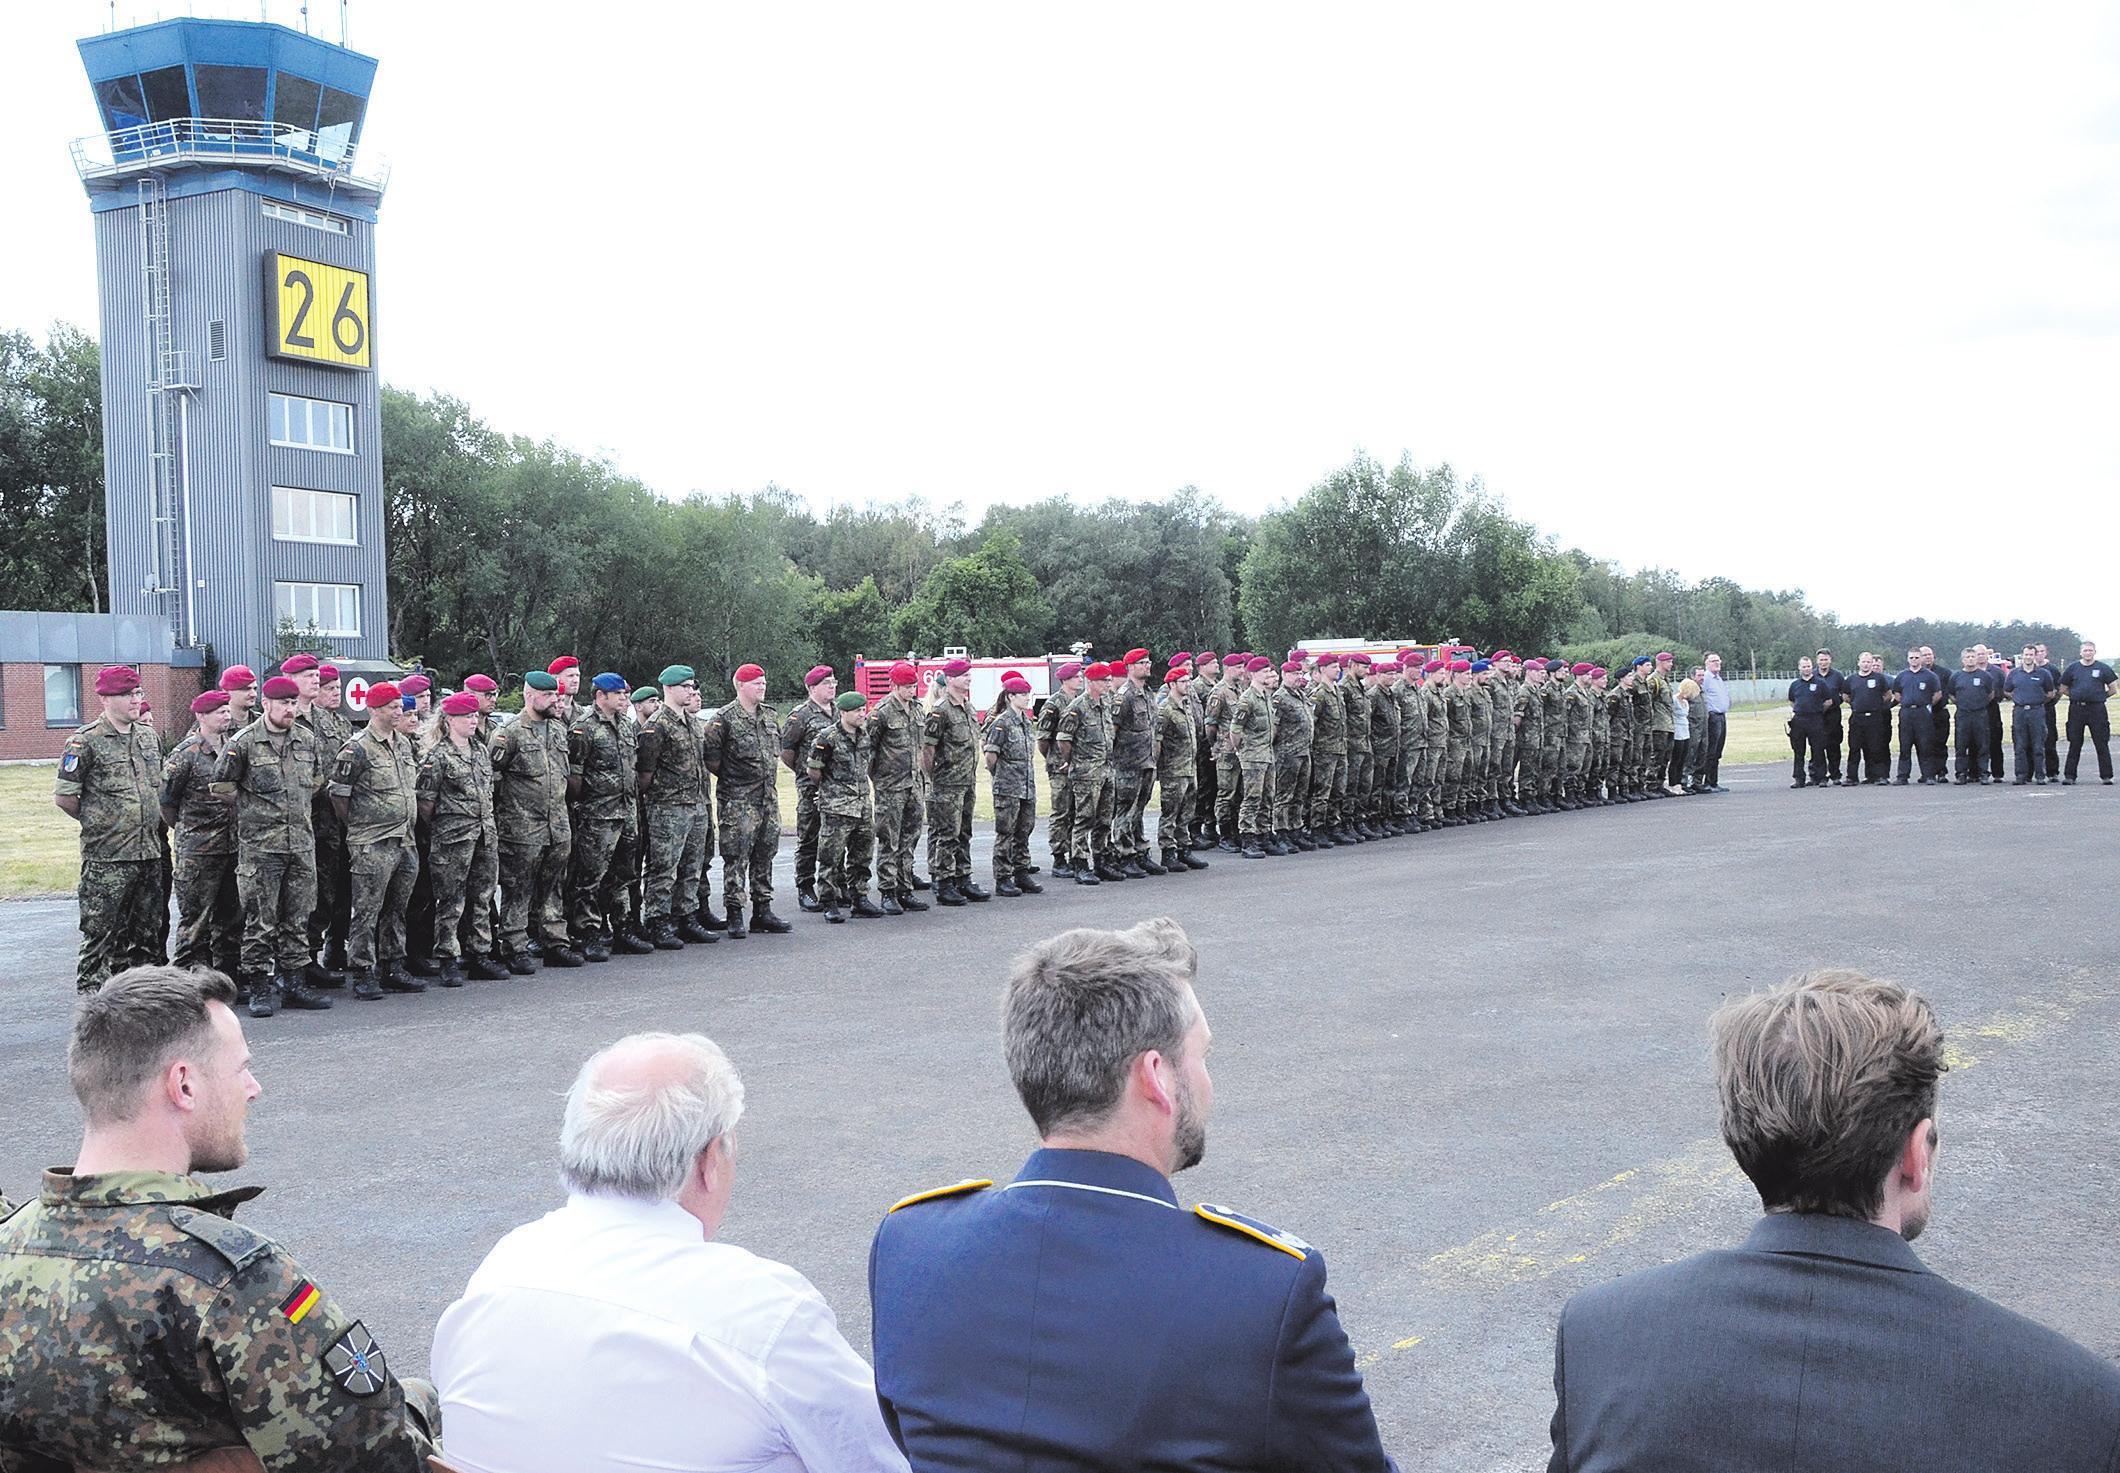 Zur offiziellen Übergabezeremonie des neuen Radarsystems ASR-S wurde auf dem Heeresflugplatz Celle im Ortsteil Wietzenbruch ein feierlicher Appell abgehalten. Fotos: Wasinski